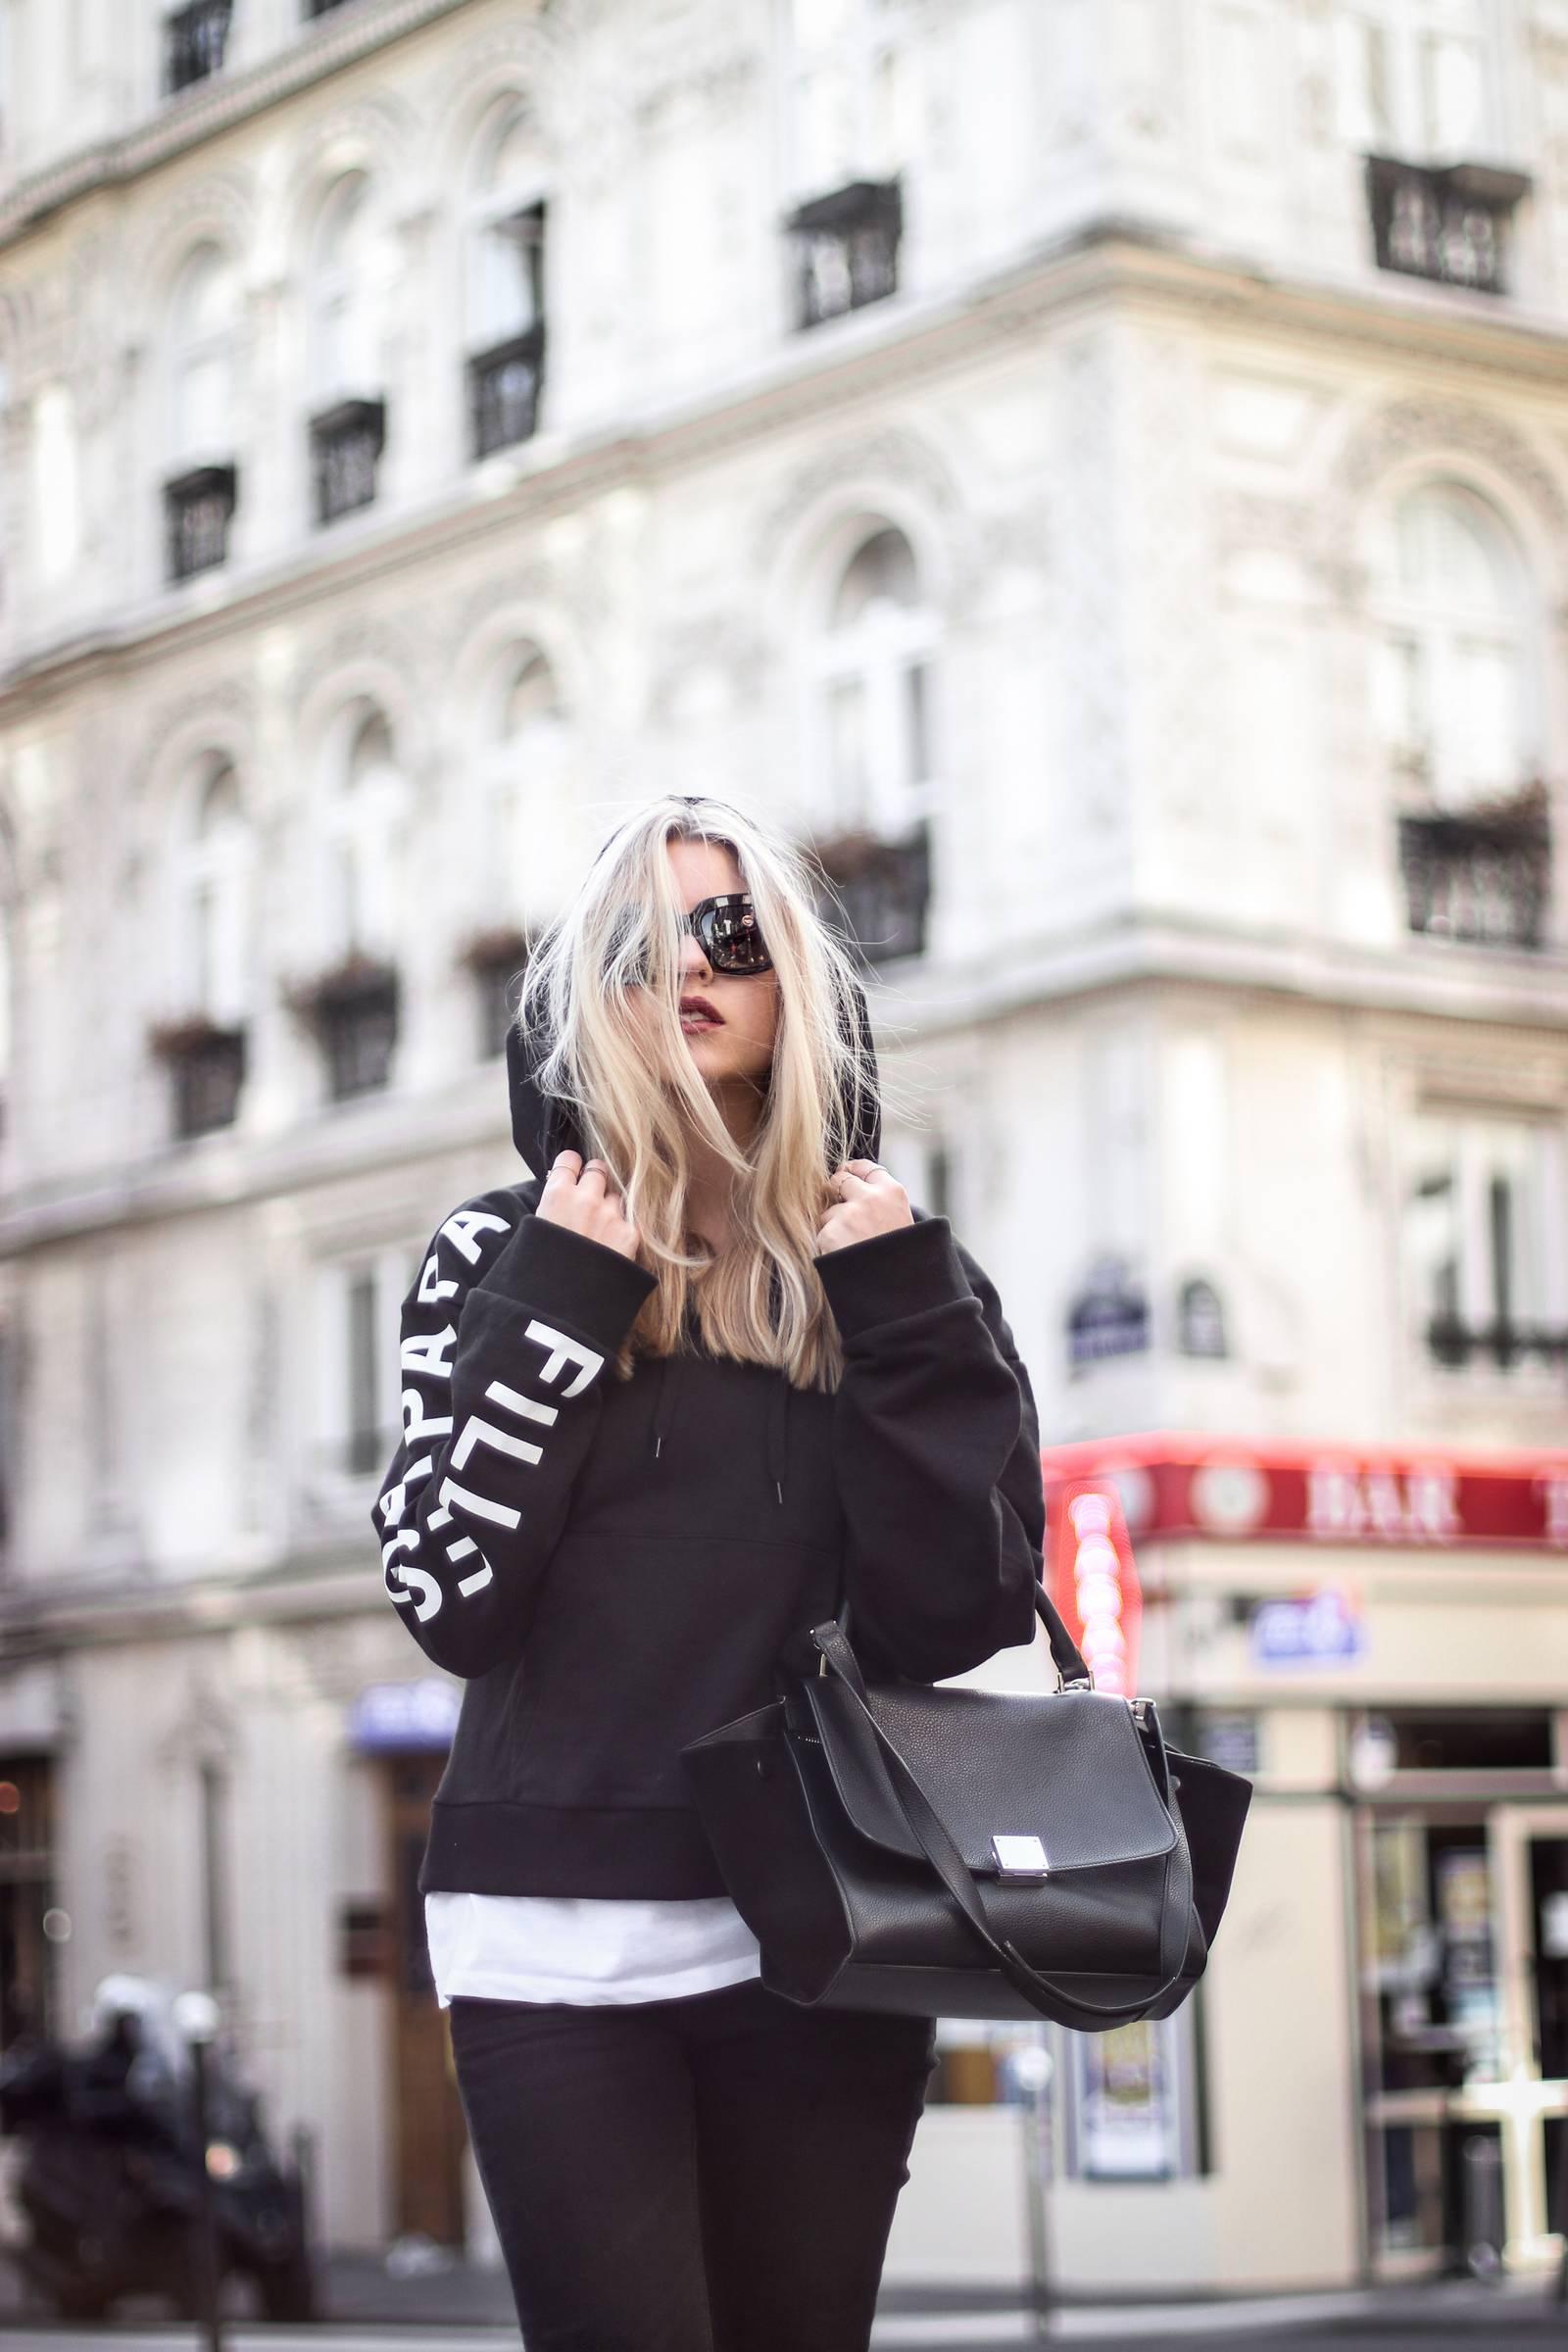 Filles à Papa sweater and Céline bag